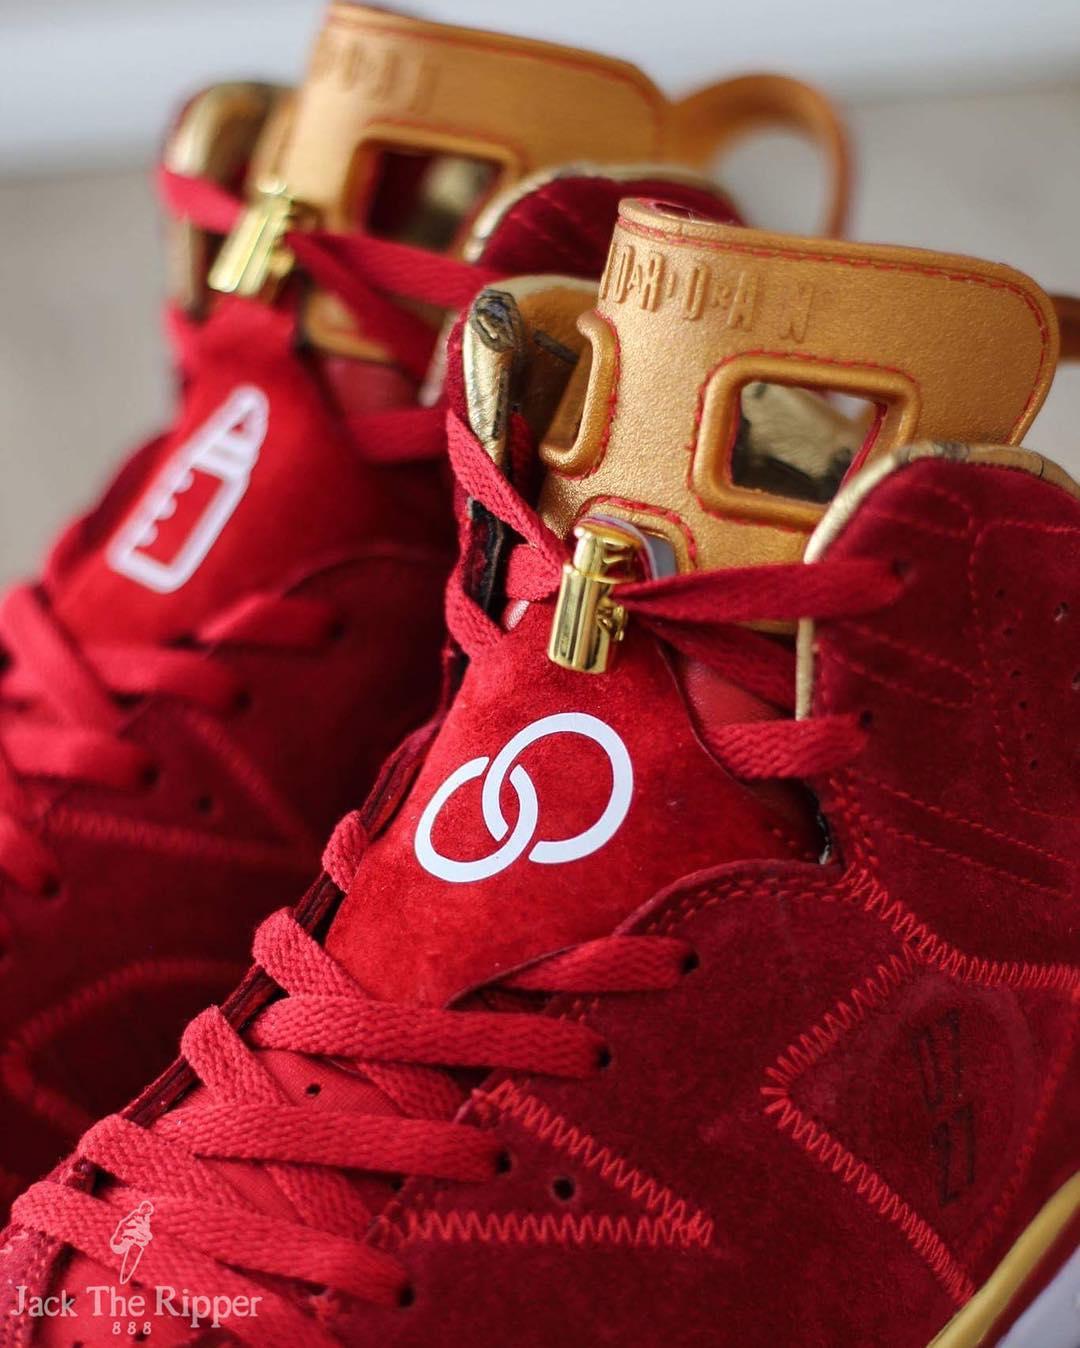 Air Jordan 6 Blood Red Custom Jack the Ripper Tongue